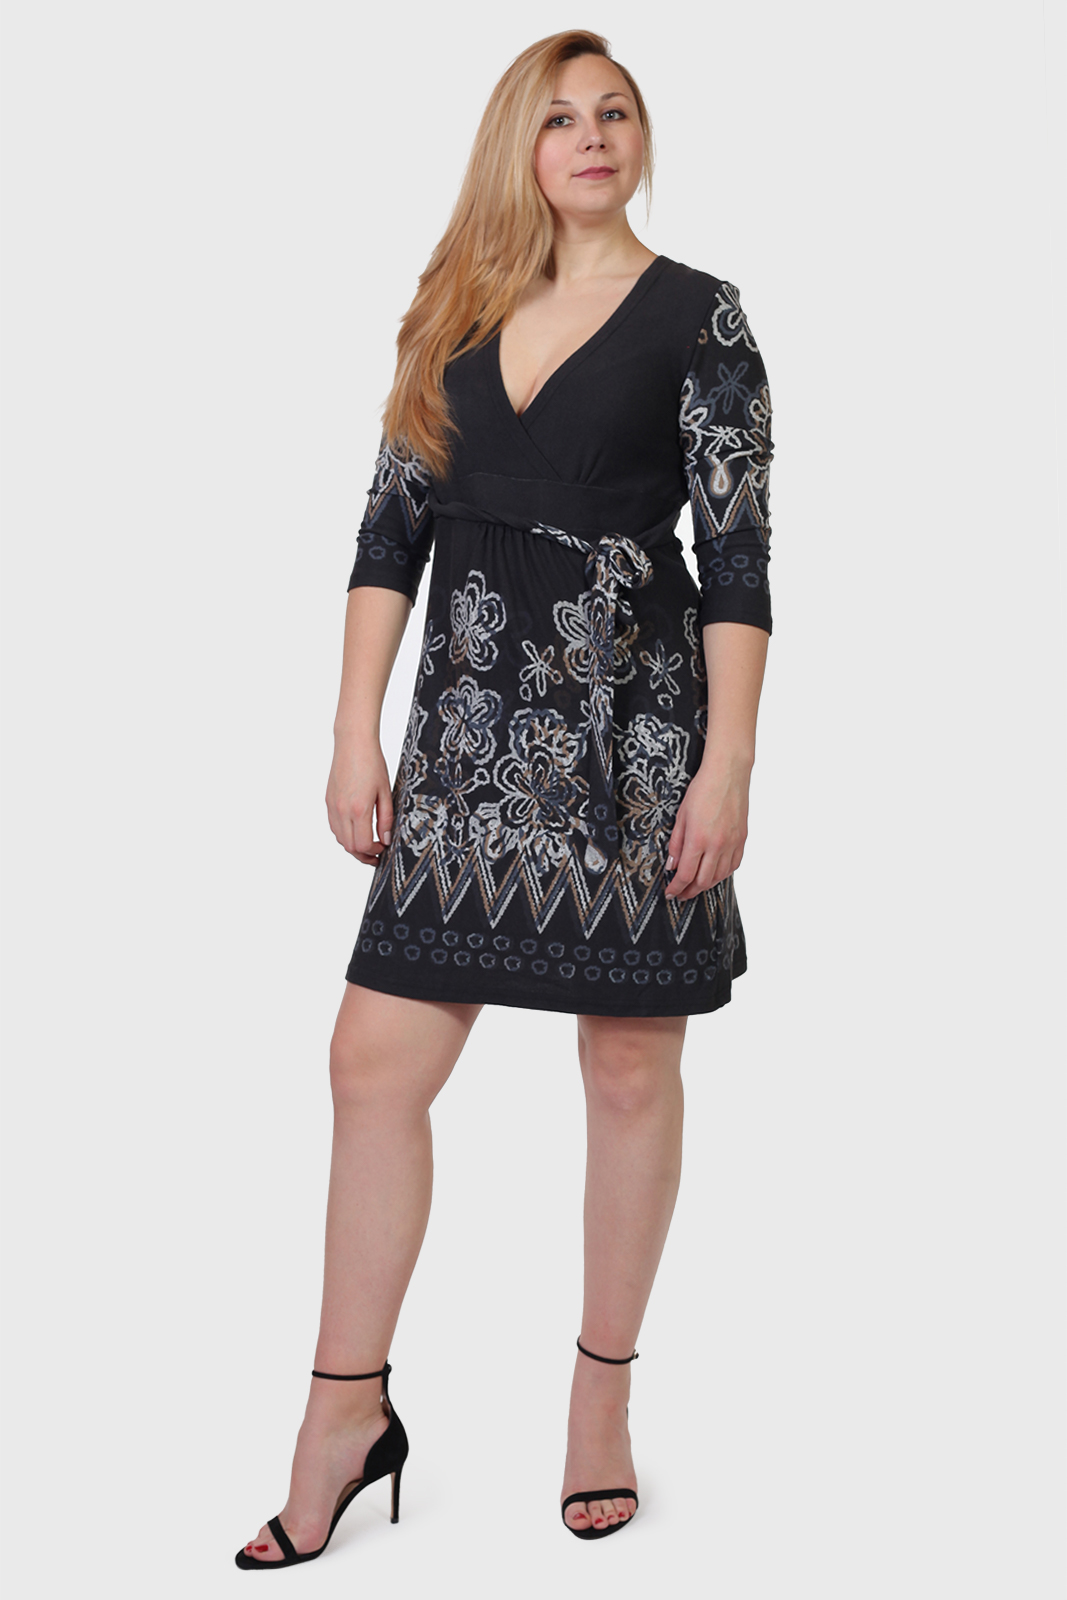 Недорогие платья от ТМ Coexis